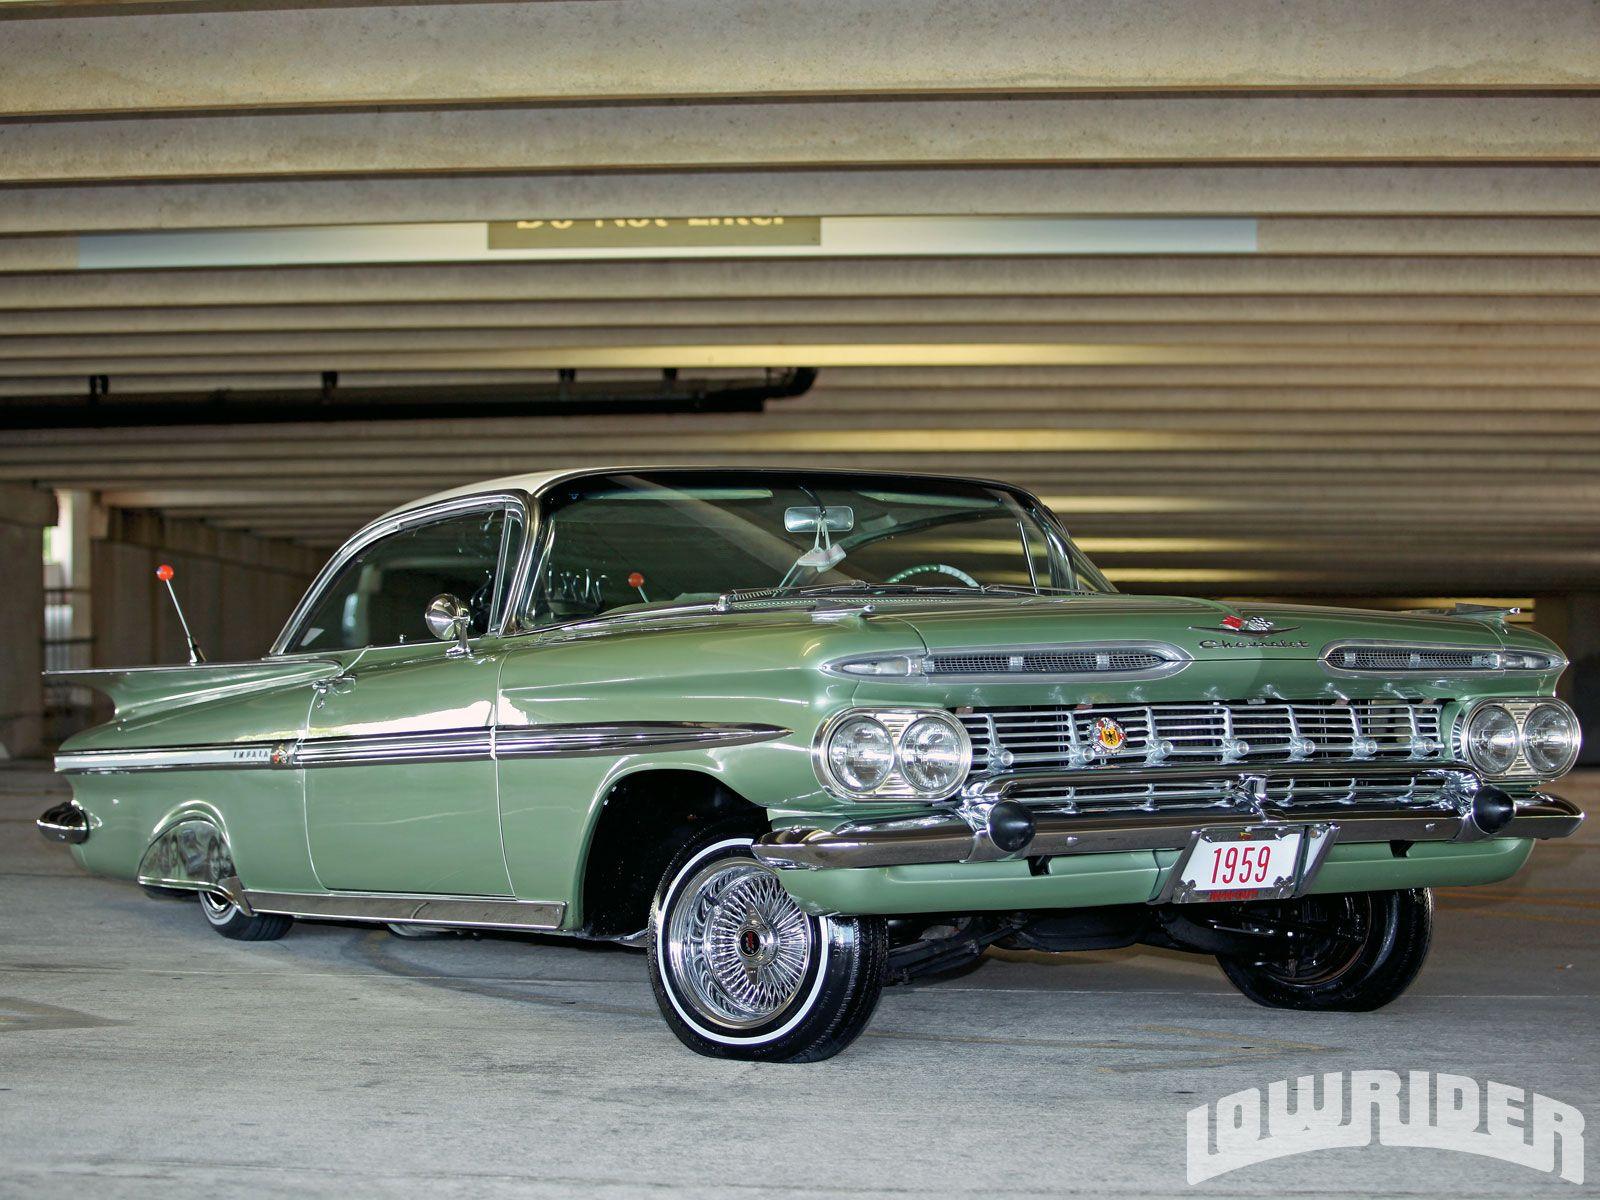 1959 Chevrolet Impala Lowrider Magazine Chevrolet Impala